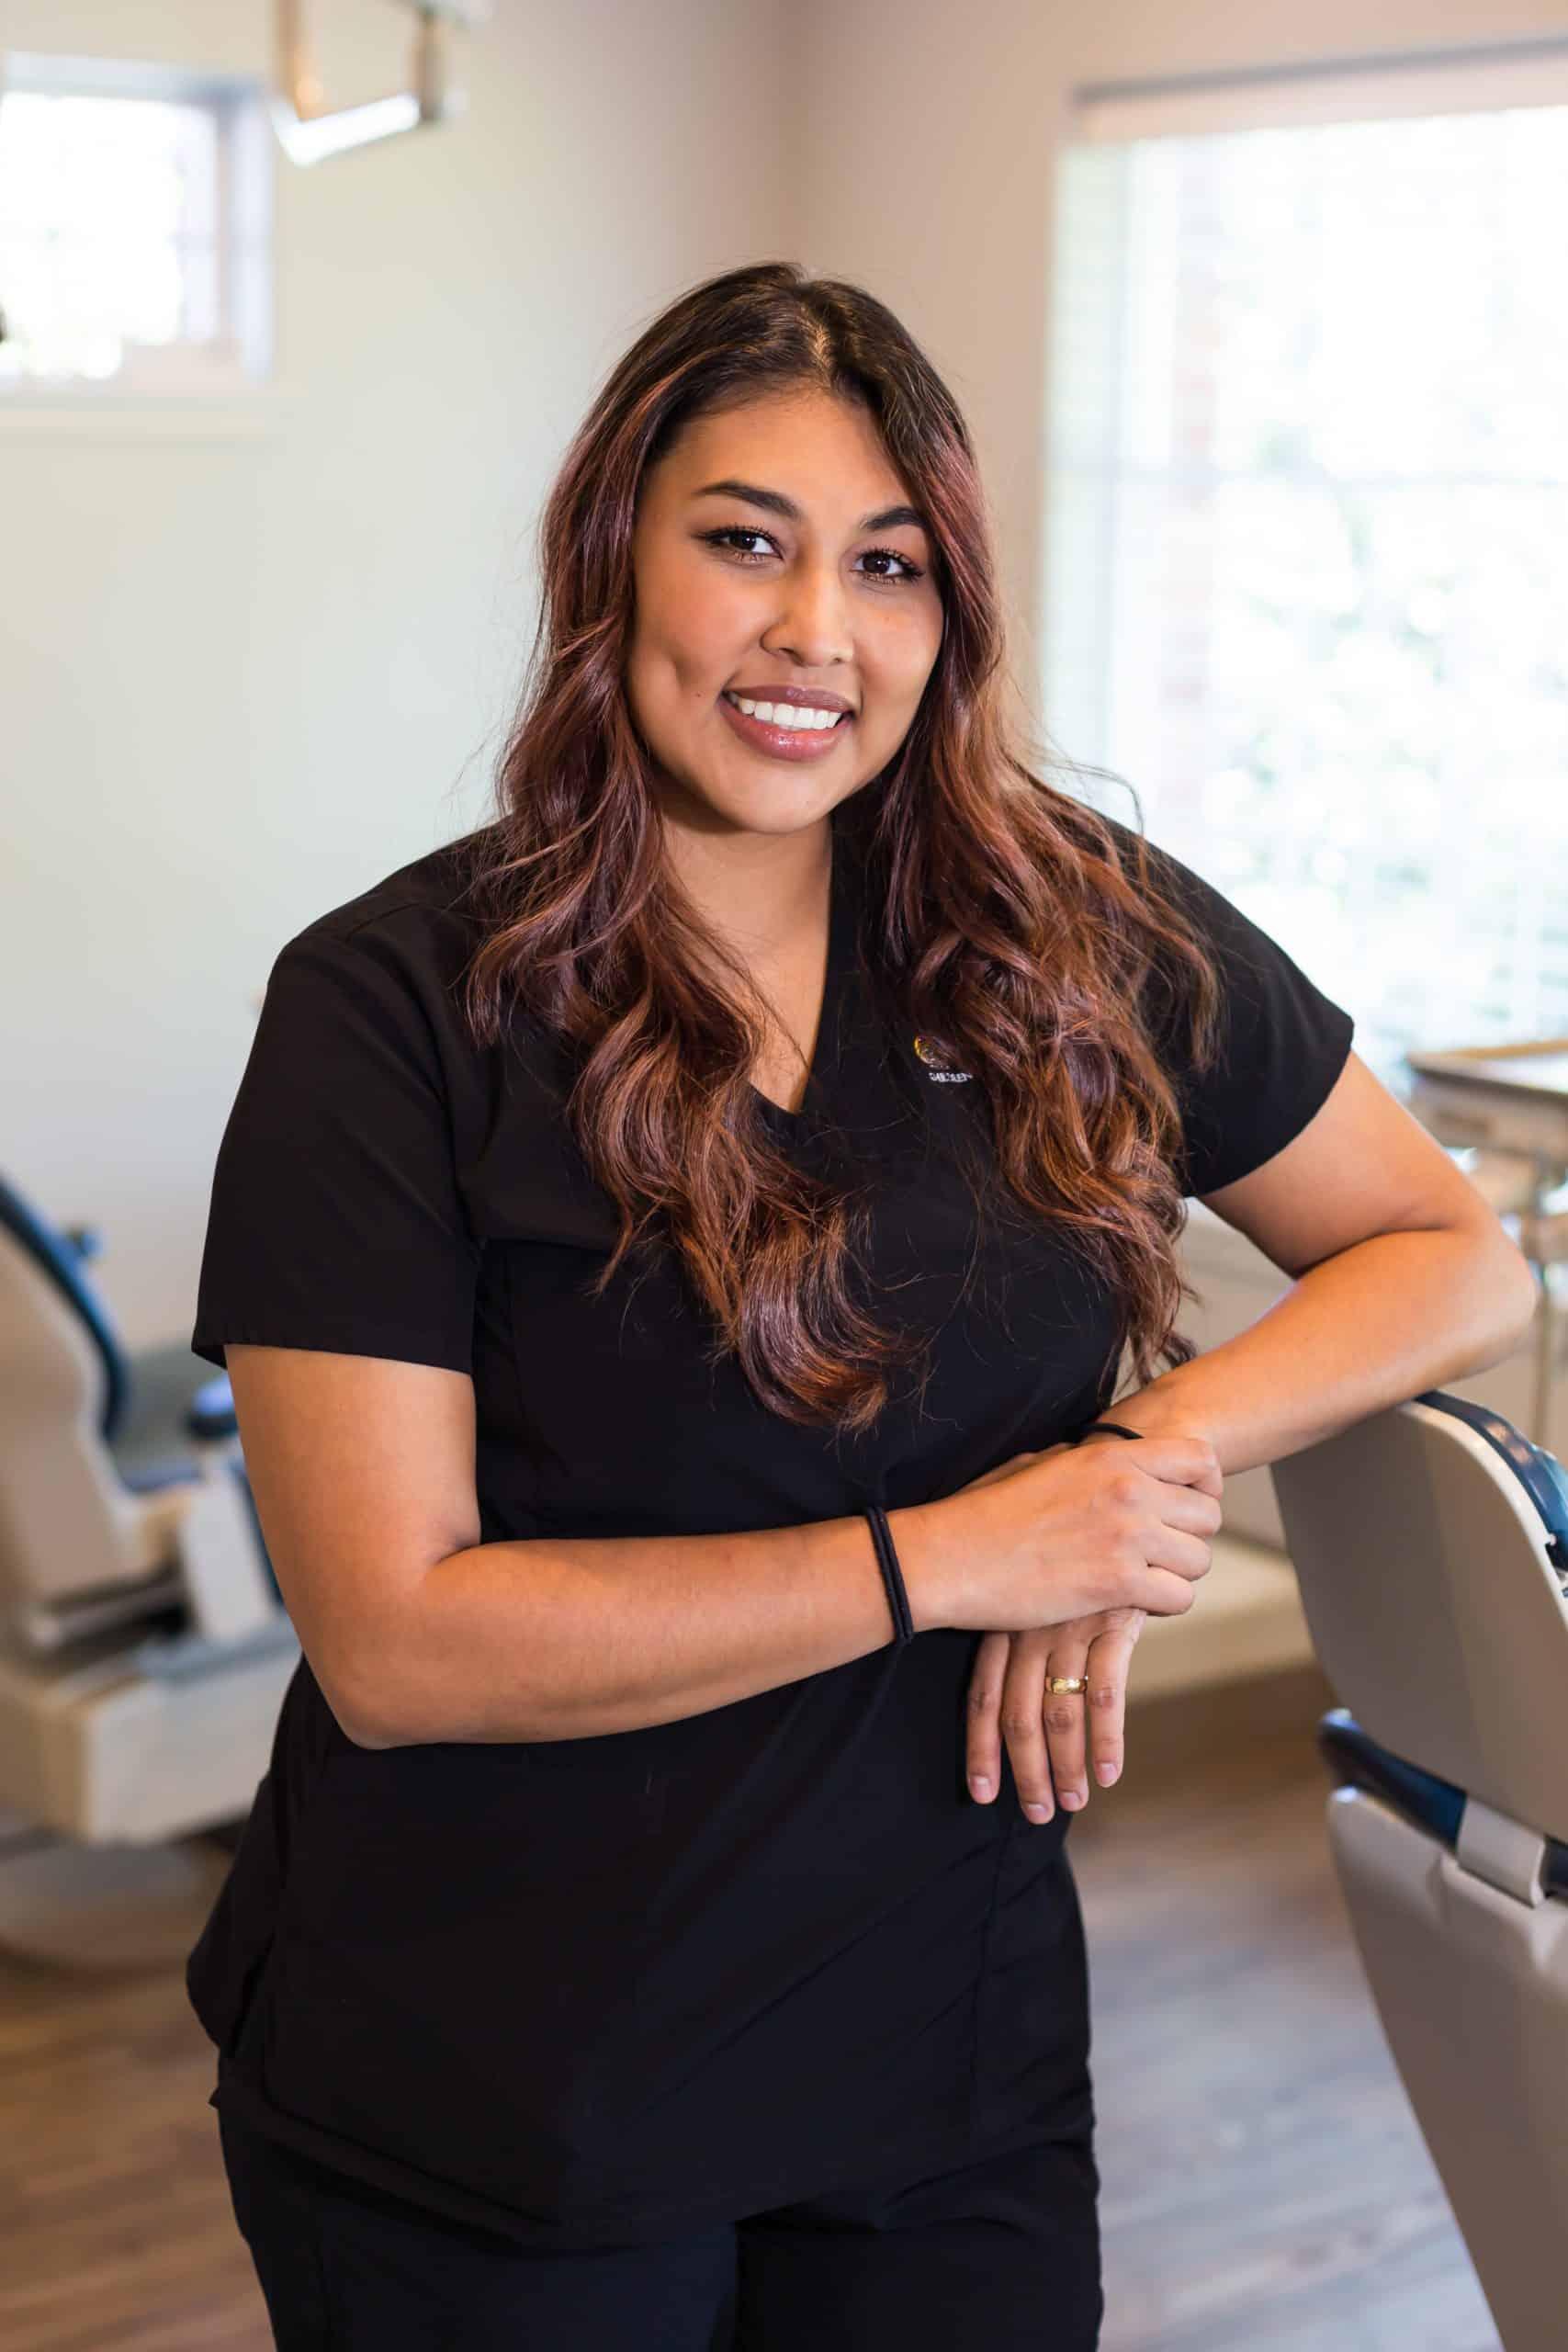 Pediatric Dentist in Jenks